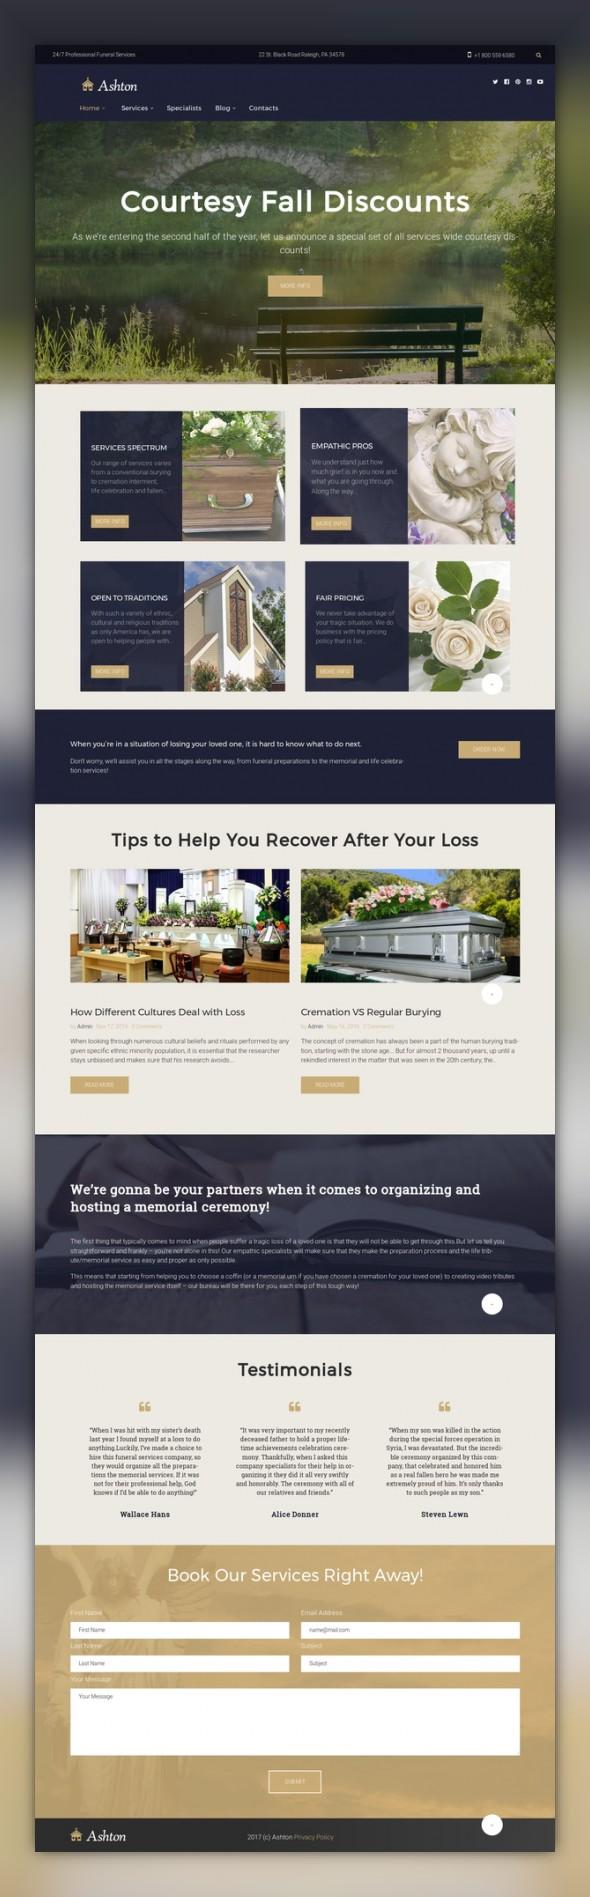 Ashton - Funeral & Cemetery Services WordPress Theme   Pinterest